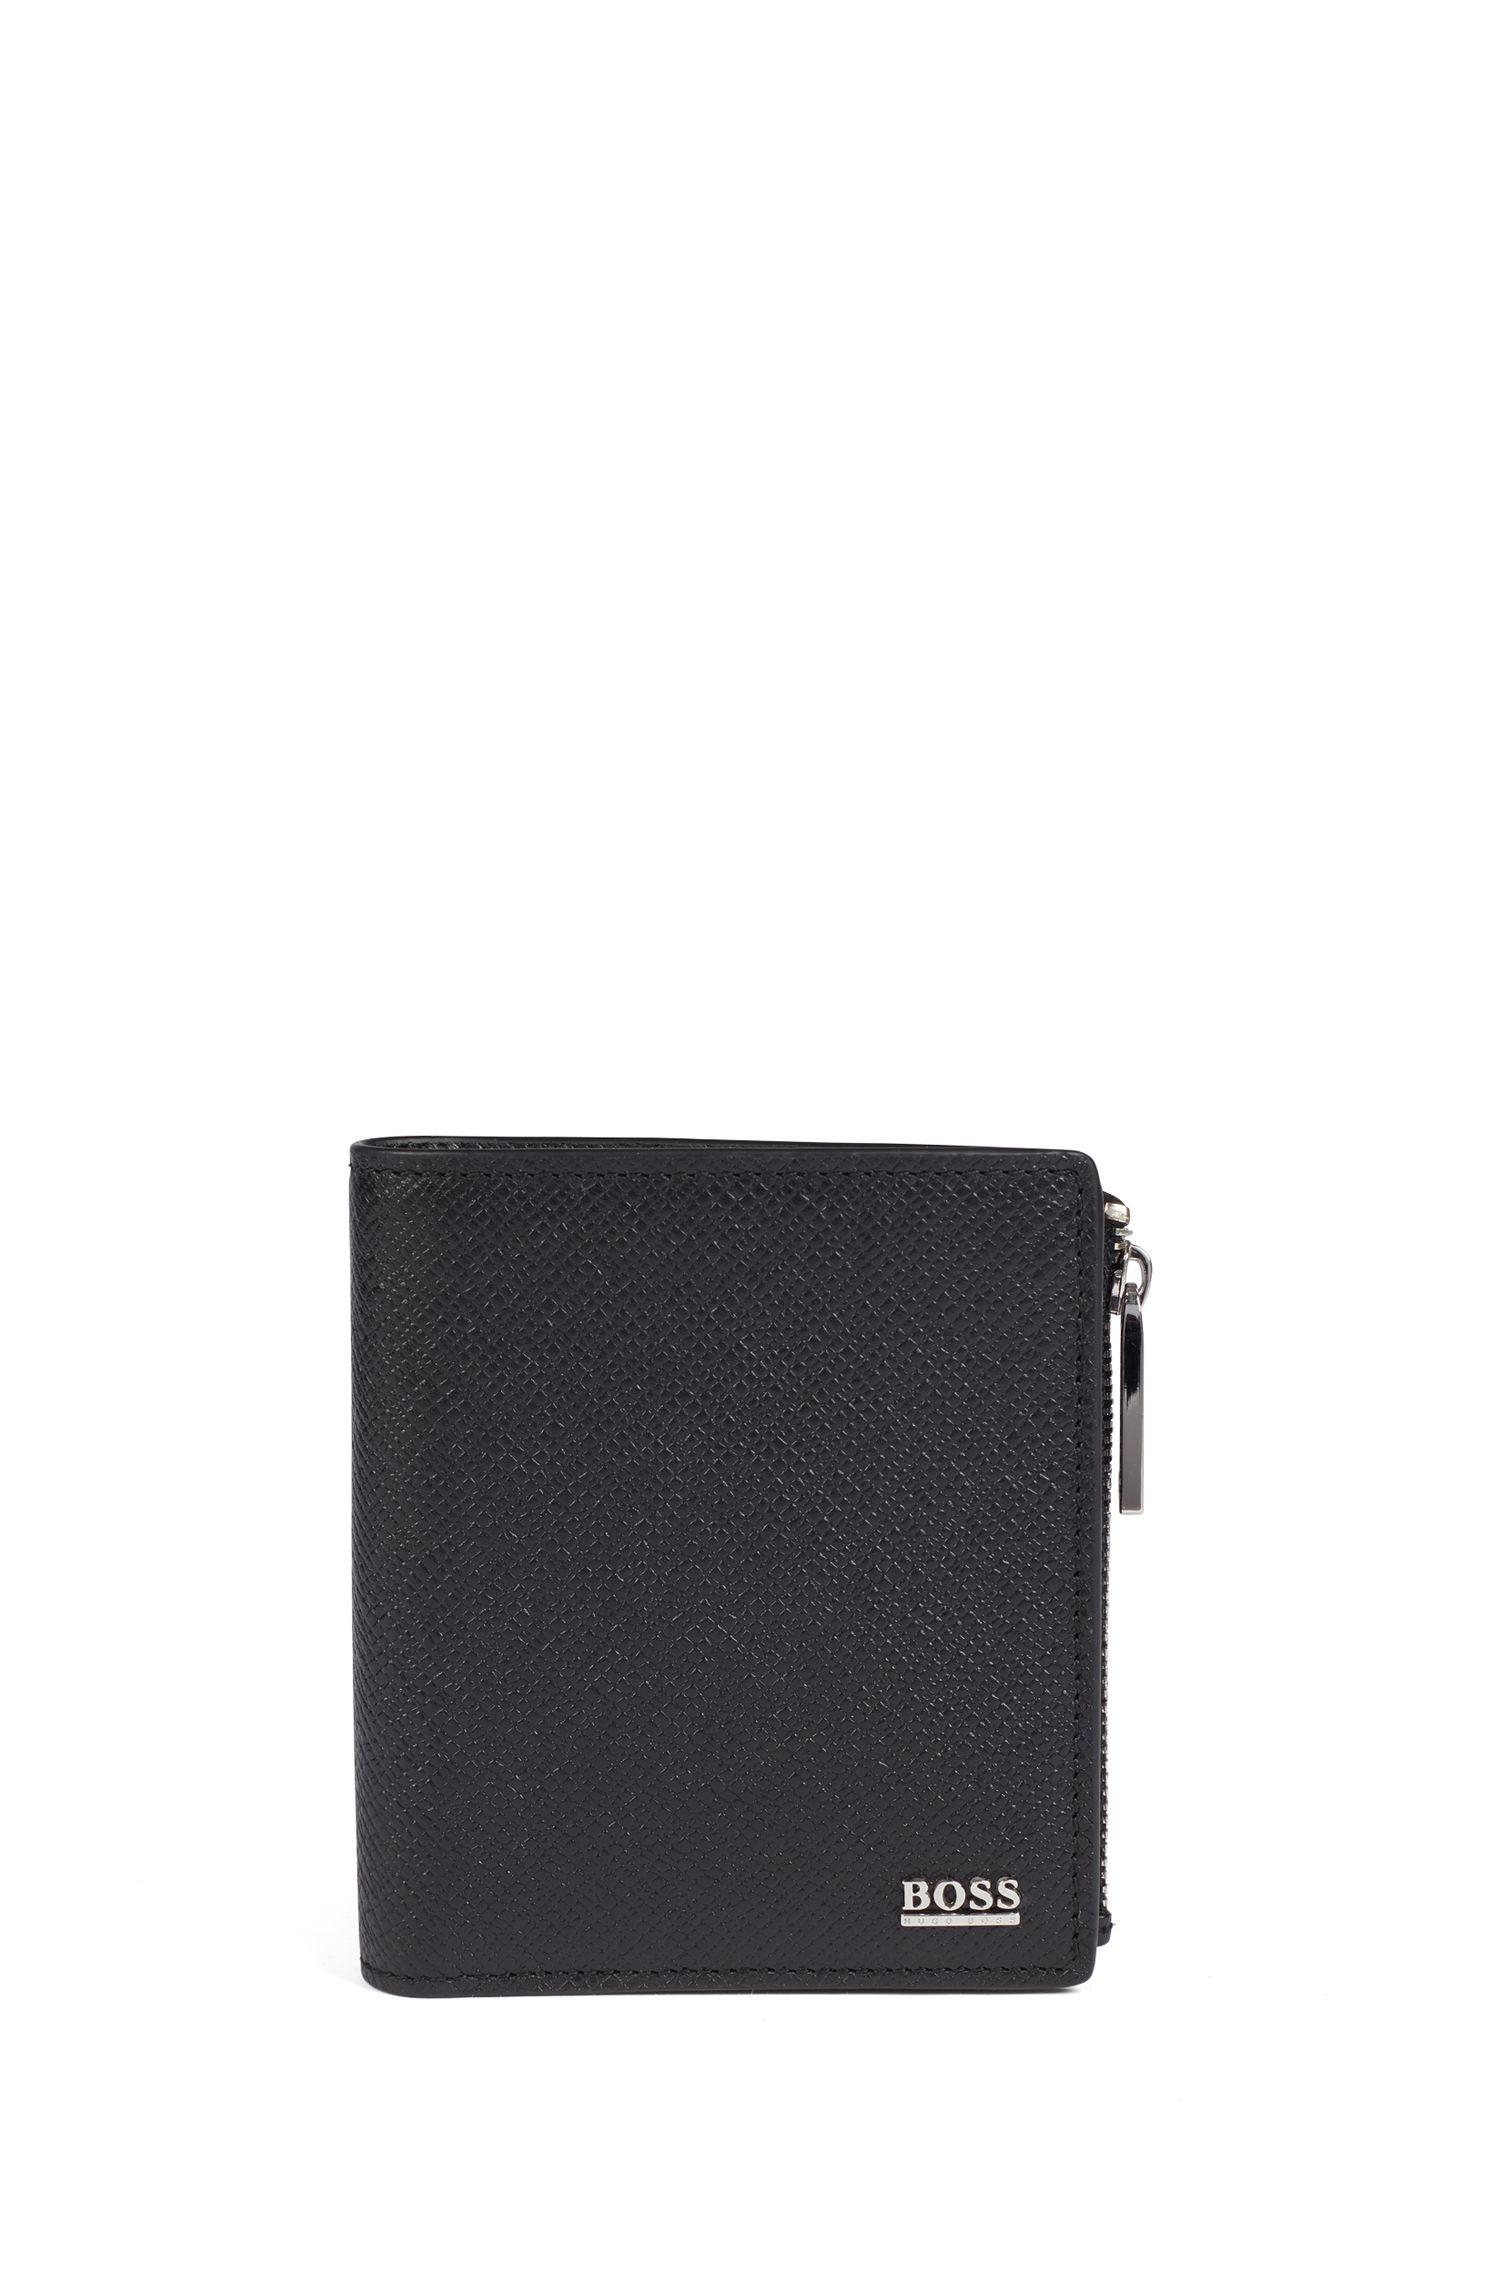 Klapp-Geldbörse aus Palmellato-Leder mit Reißverschluss aus der Signature Collection, Schwarz